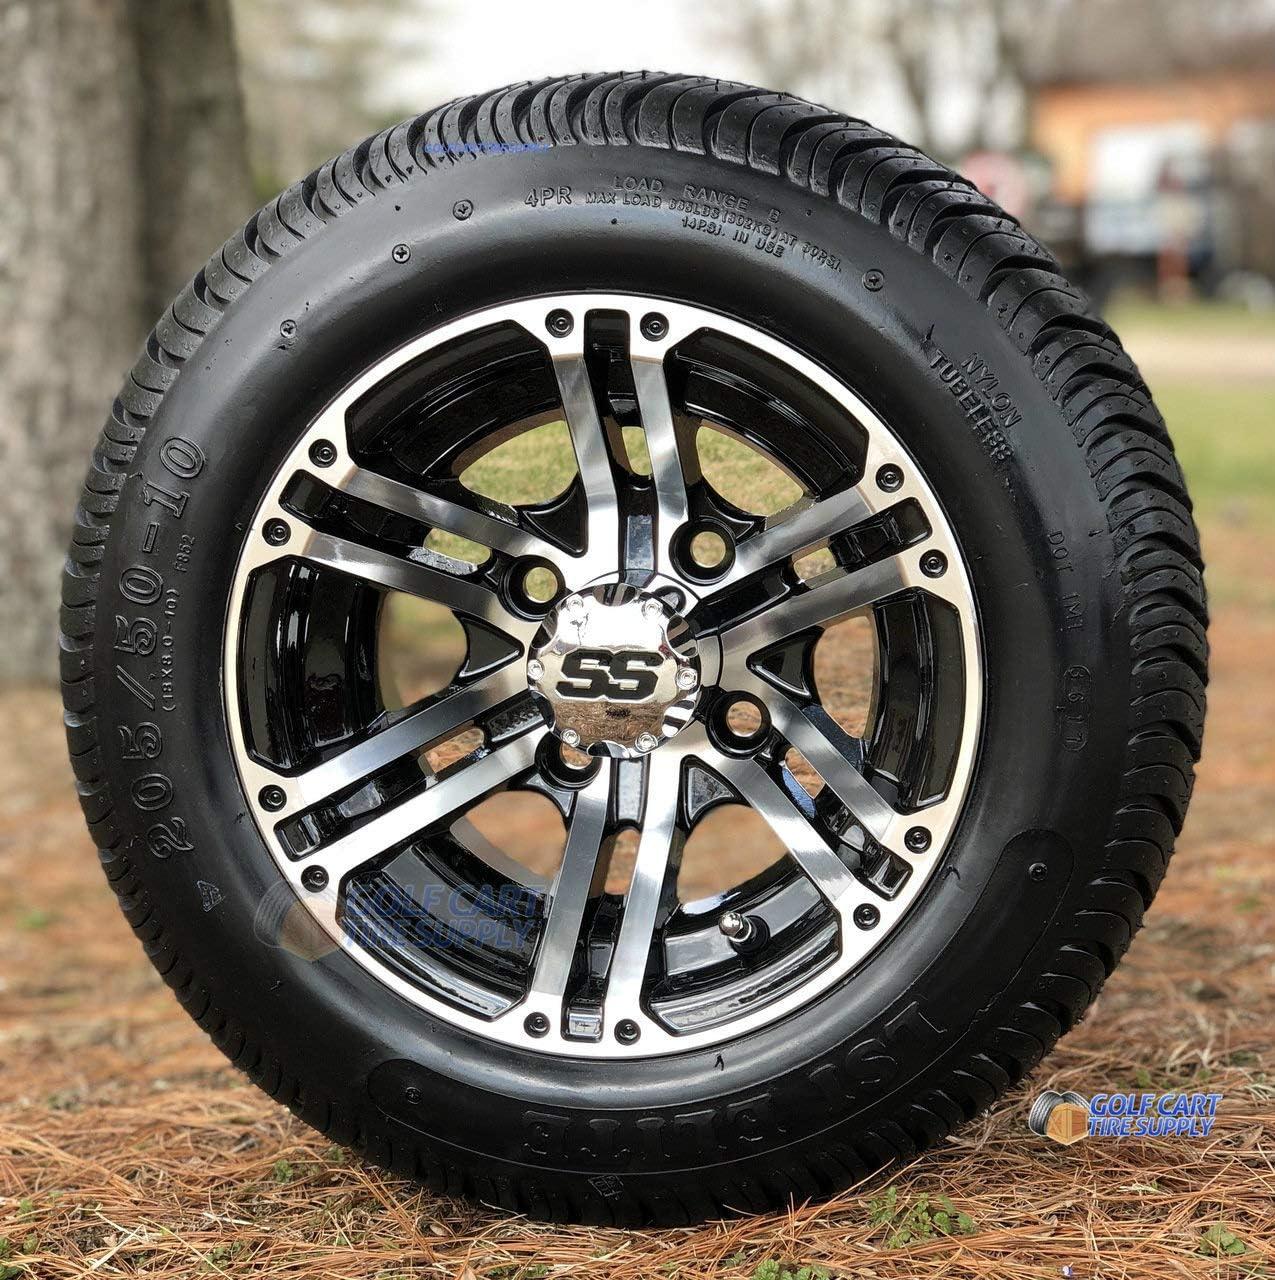 """10"""" Terminator Machined/Black Golf Cart Wheels und 205/50-10 niedrig Profile Golf Cart Tires Combo - Satz von 4"""